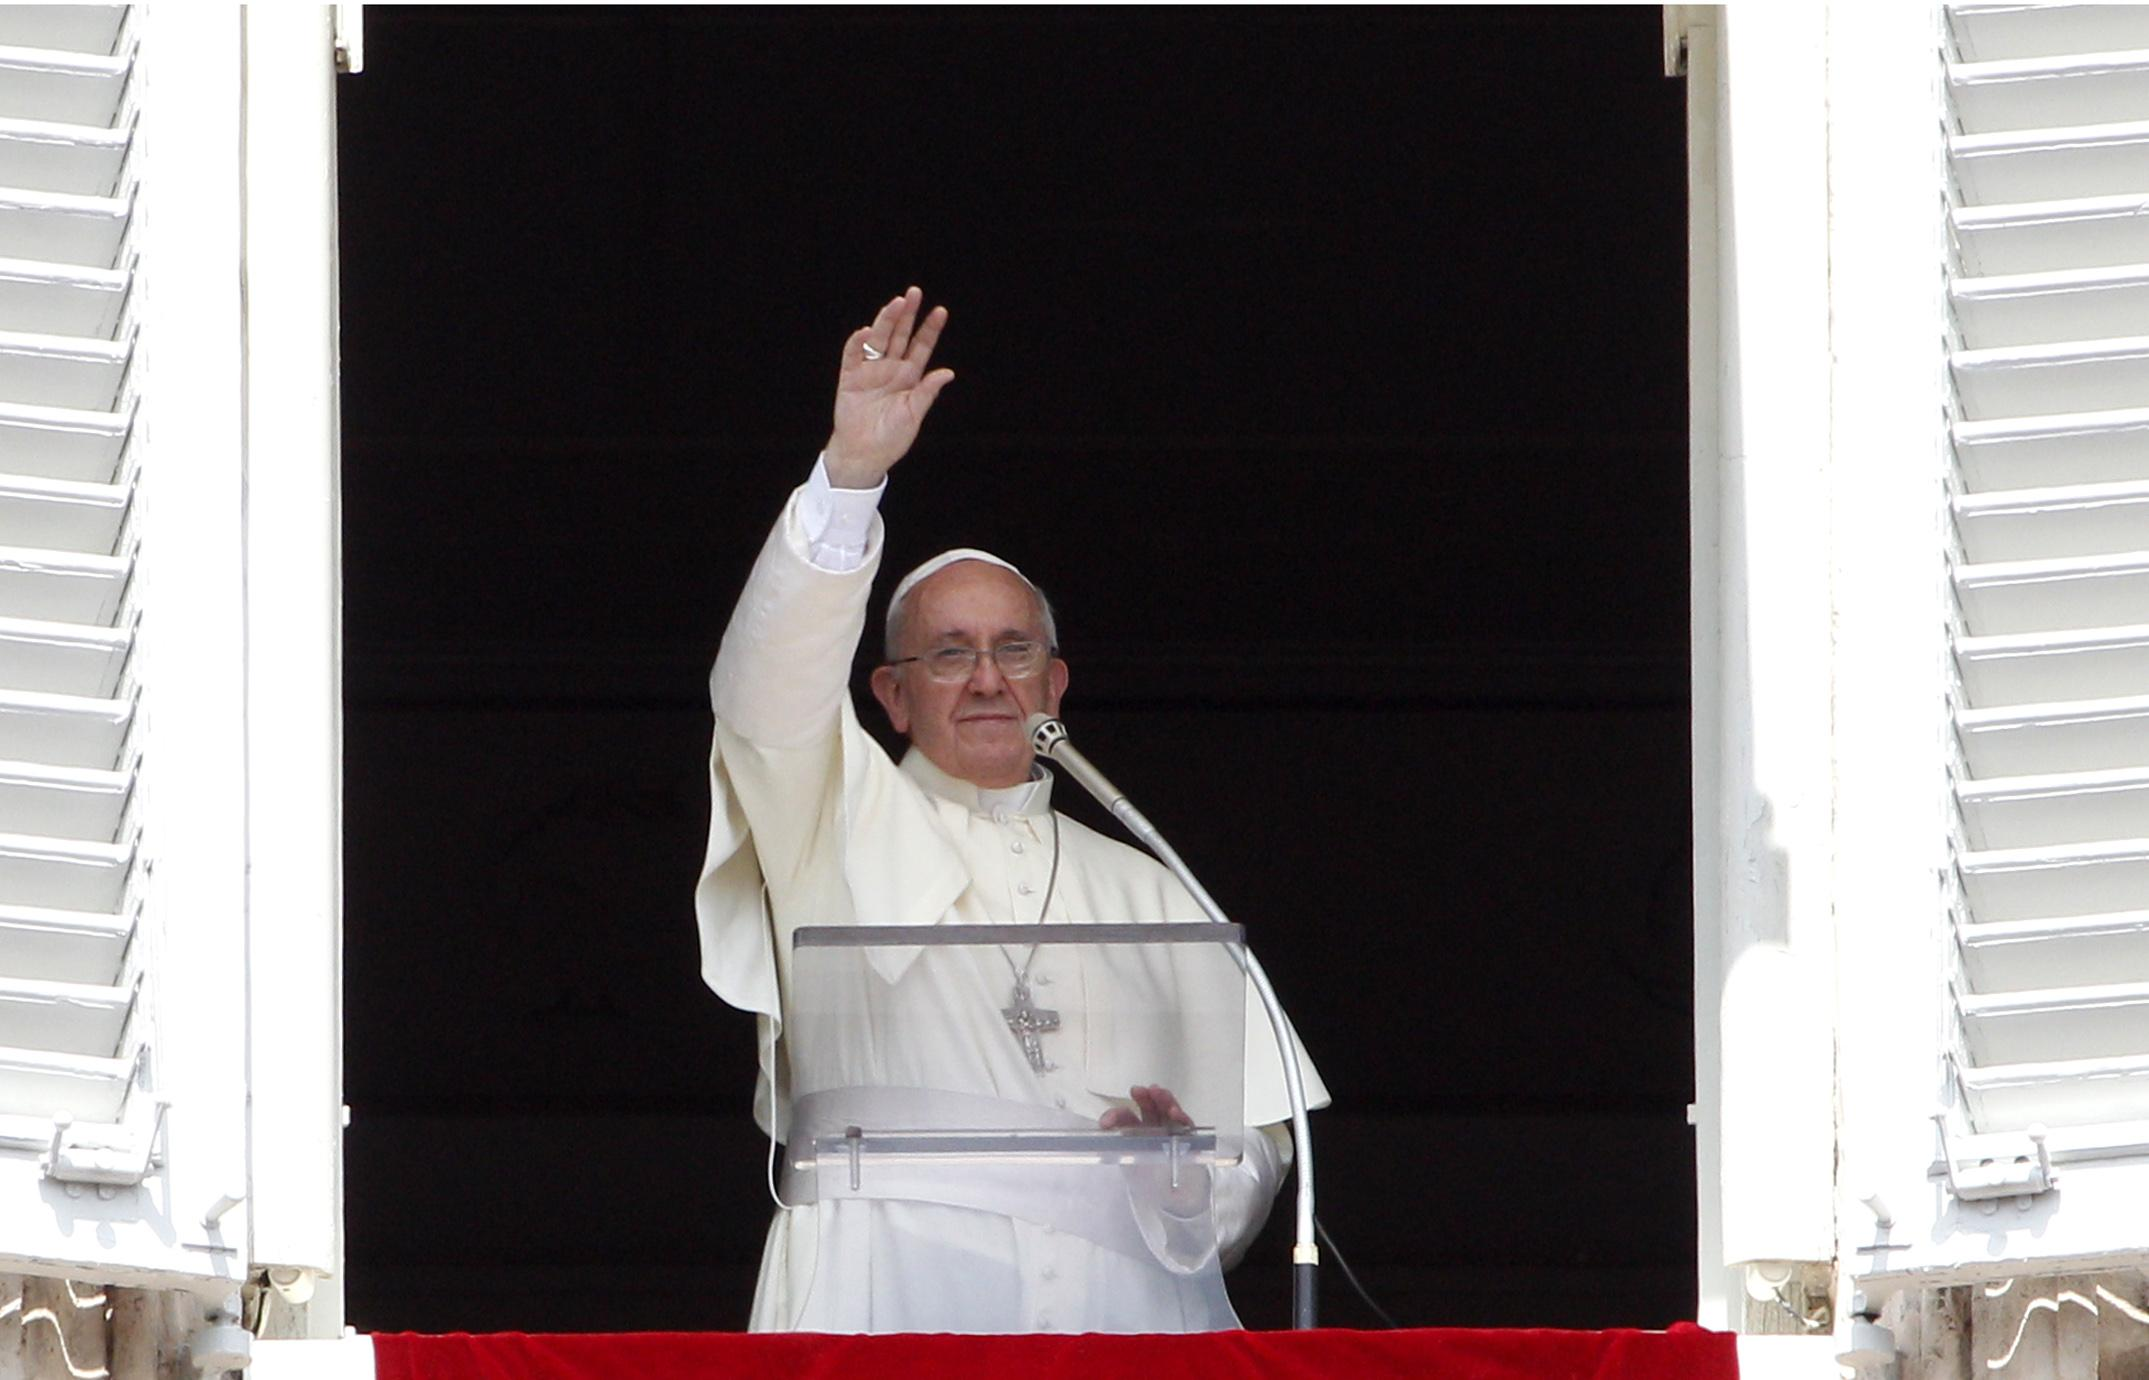 La fiesta de la sant sima trinidad es una fiesta para contemplar y alabar el misterio papa - Finestra del papa ...